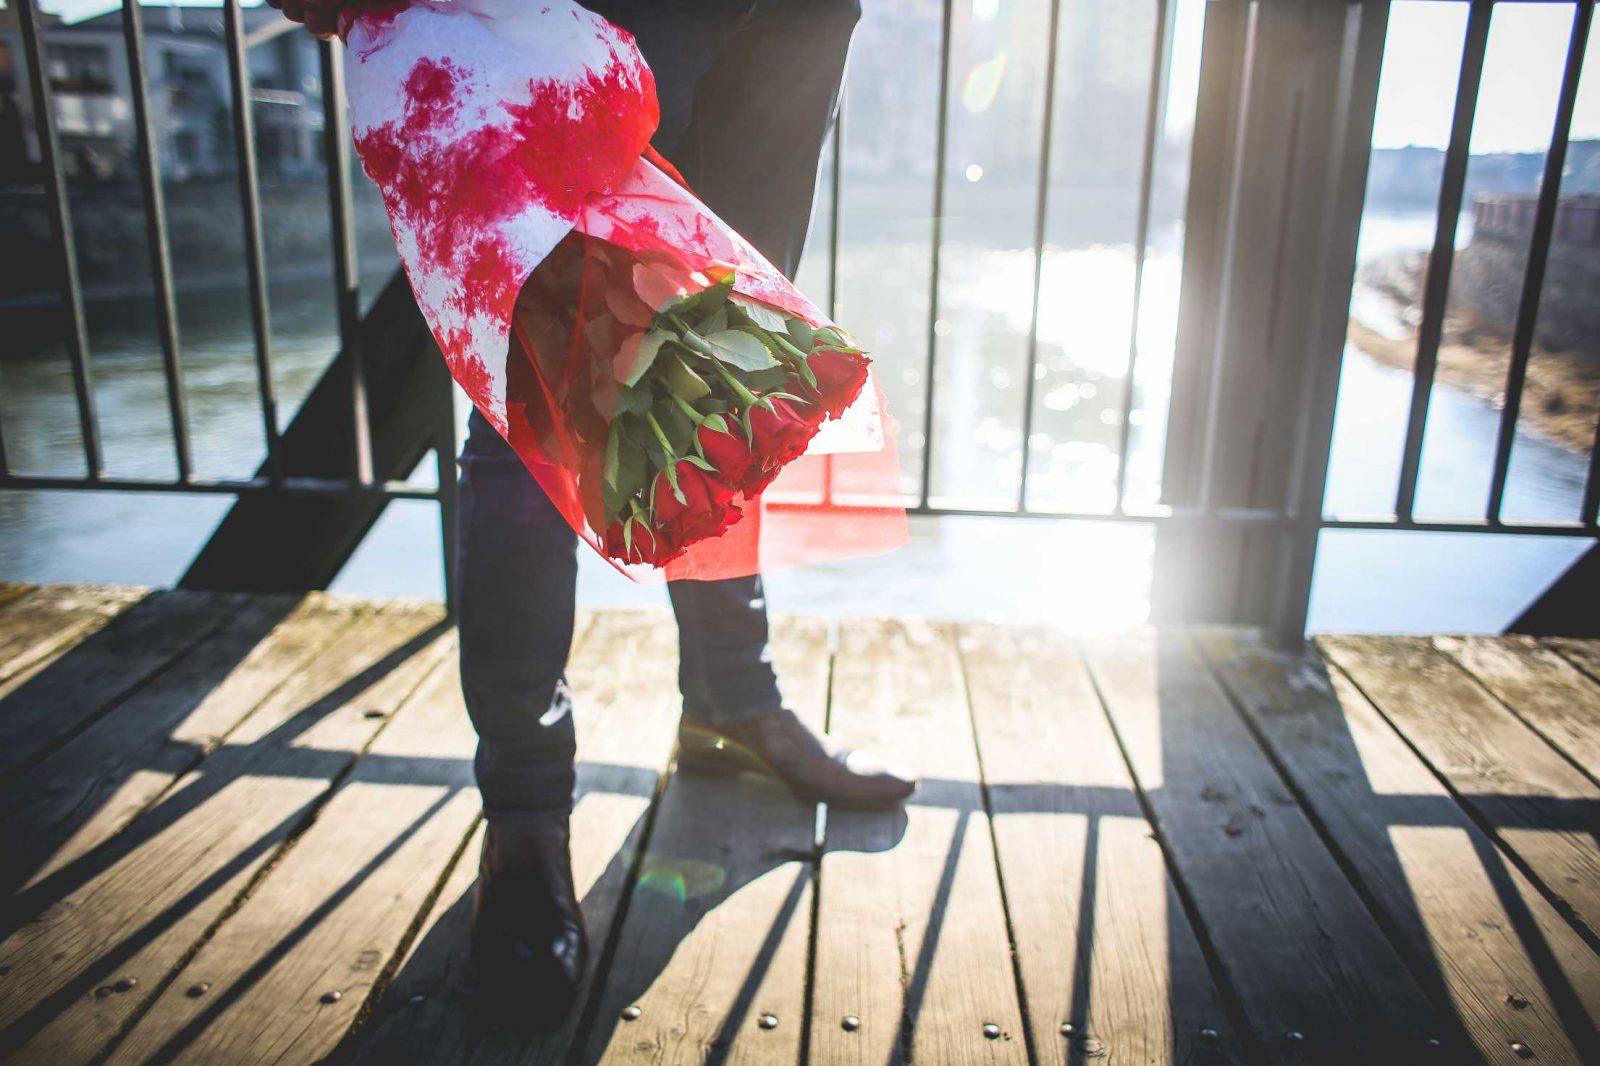 Homme avec un bouquet de roses attendant sur un pont - Photo (libre) : Viktor Kanacek depuis picjumbo.com